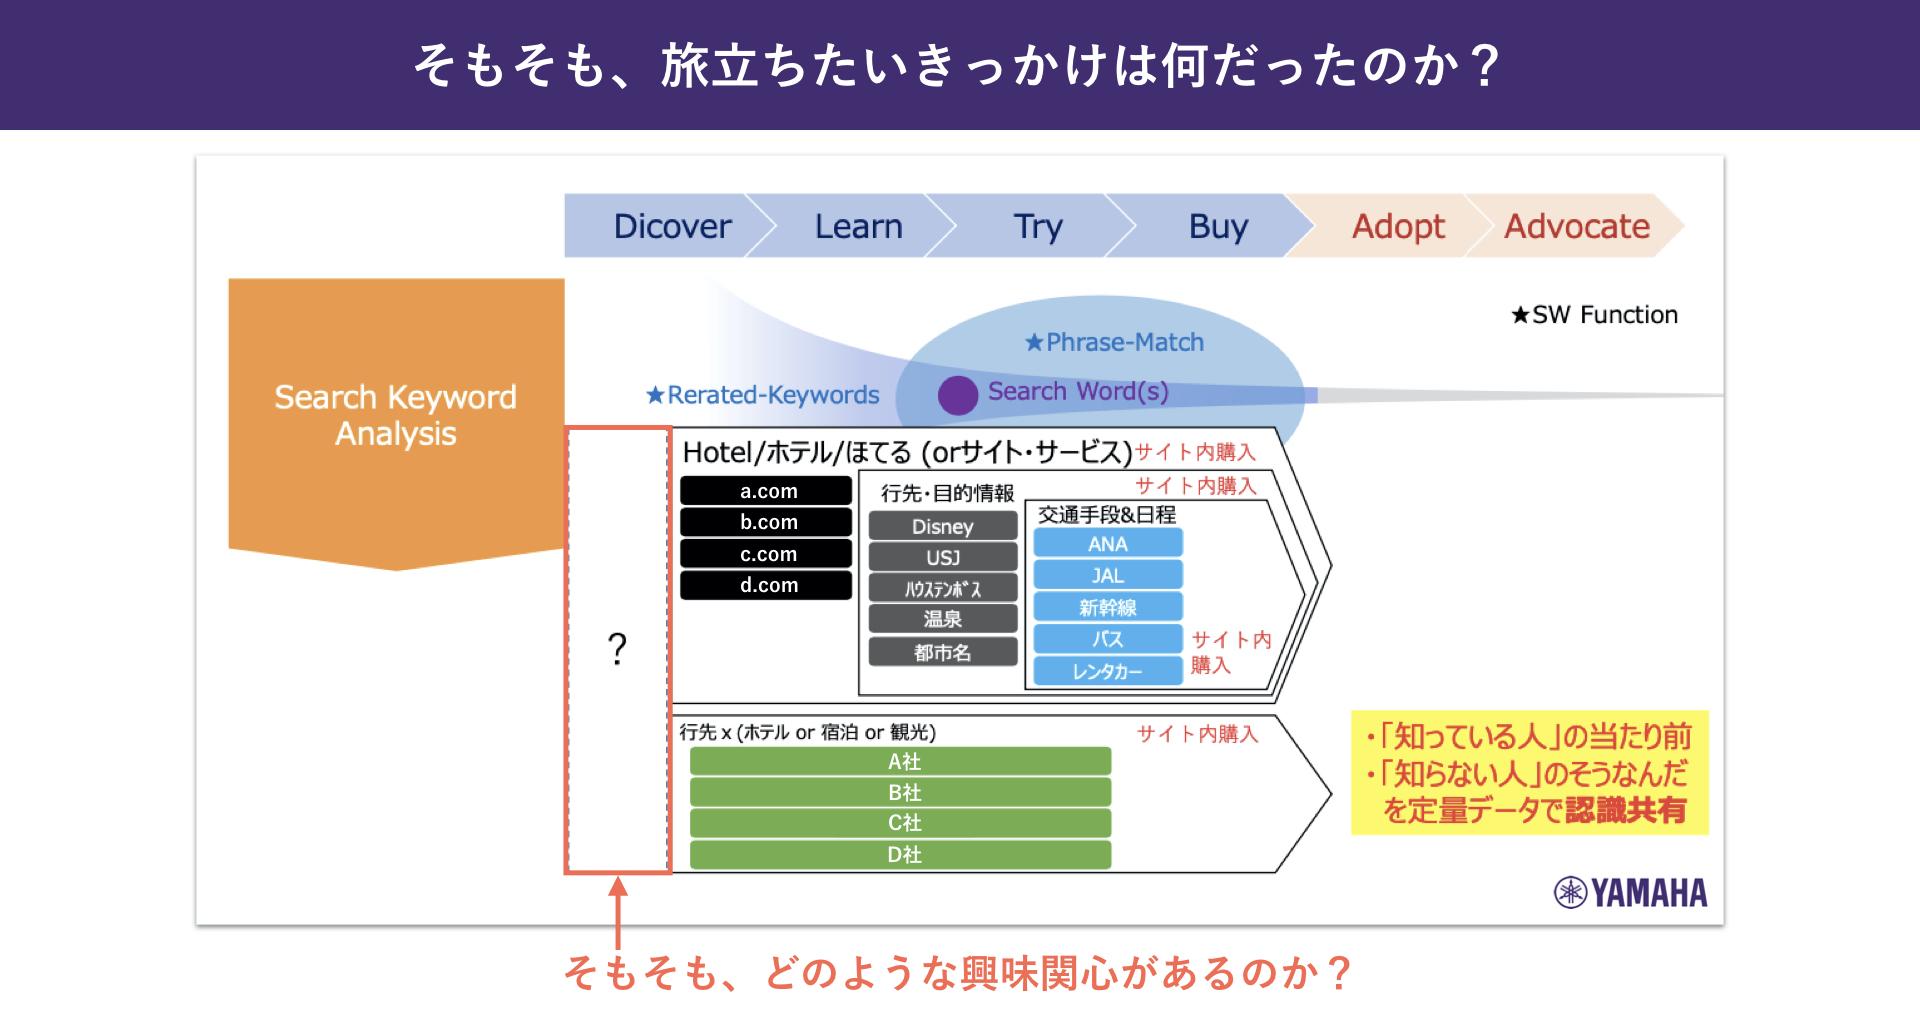 ヤマハ株式会社:濱崎司_そもそも、旅立ちたいきっかけは何だったのか?